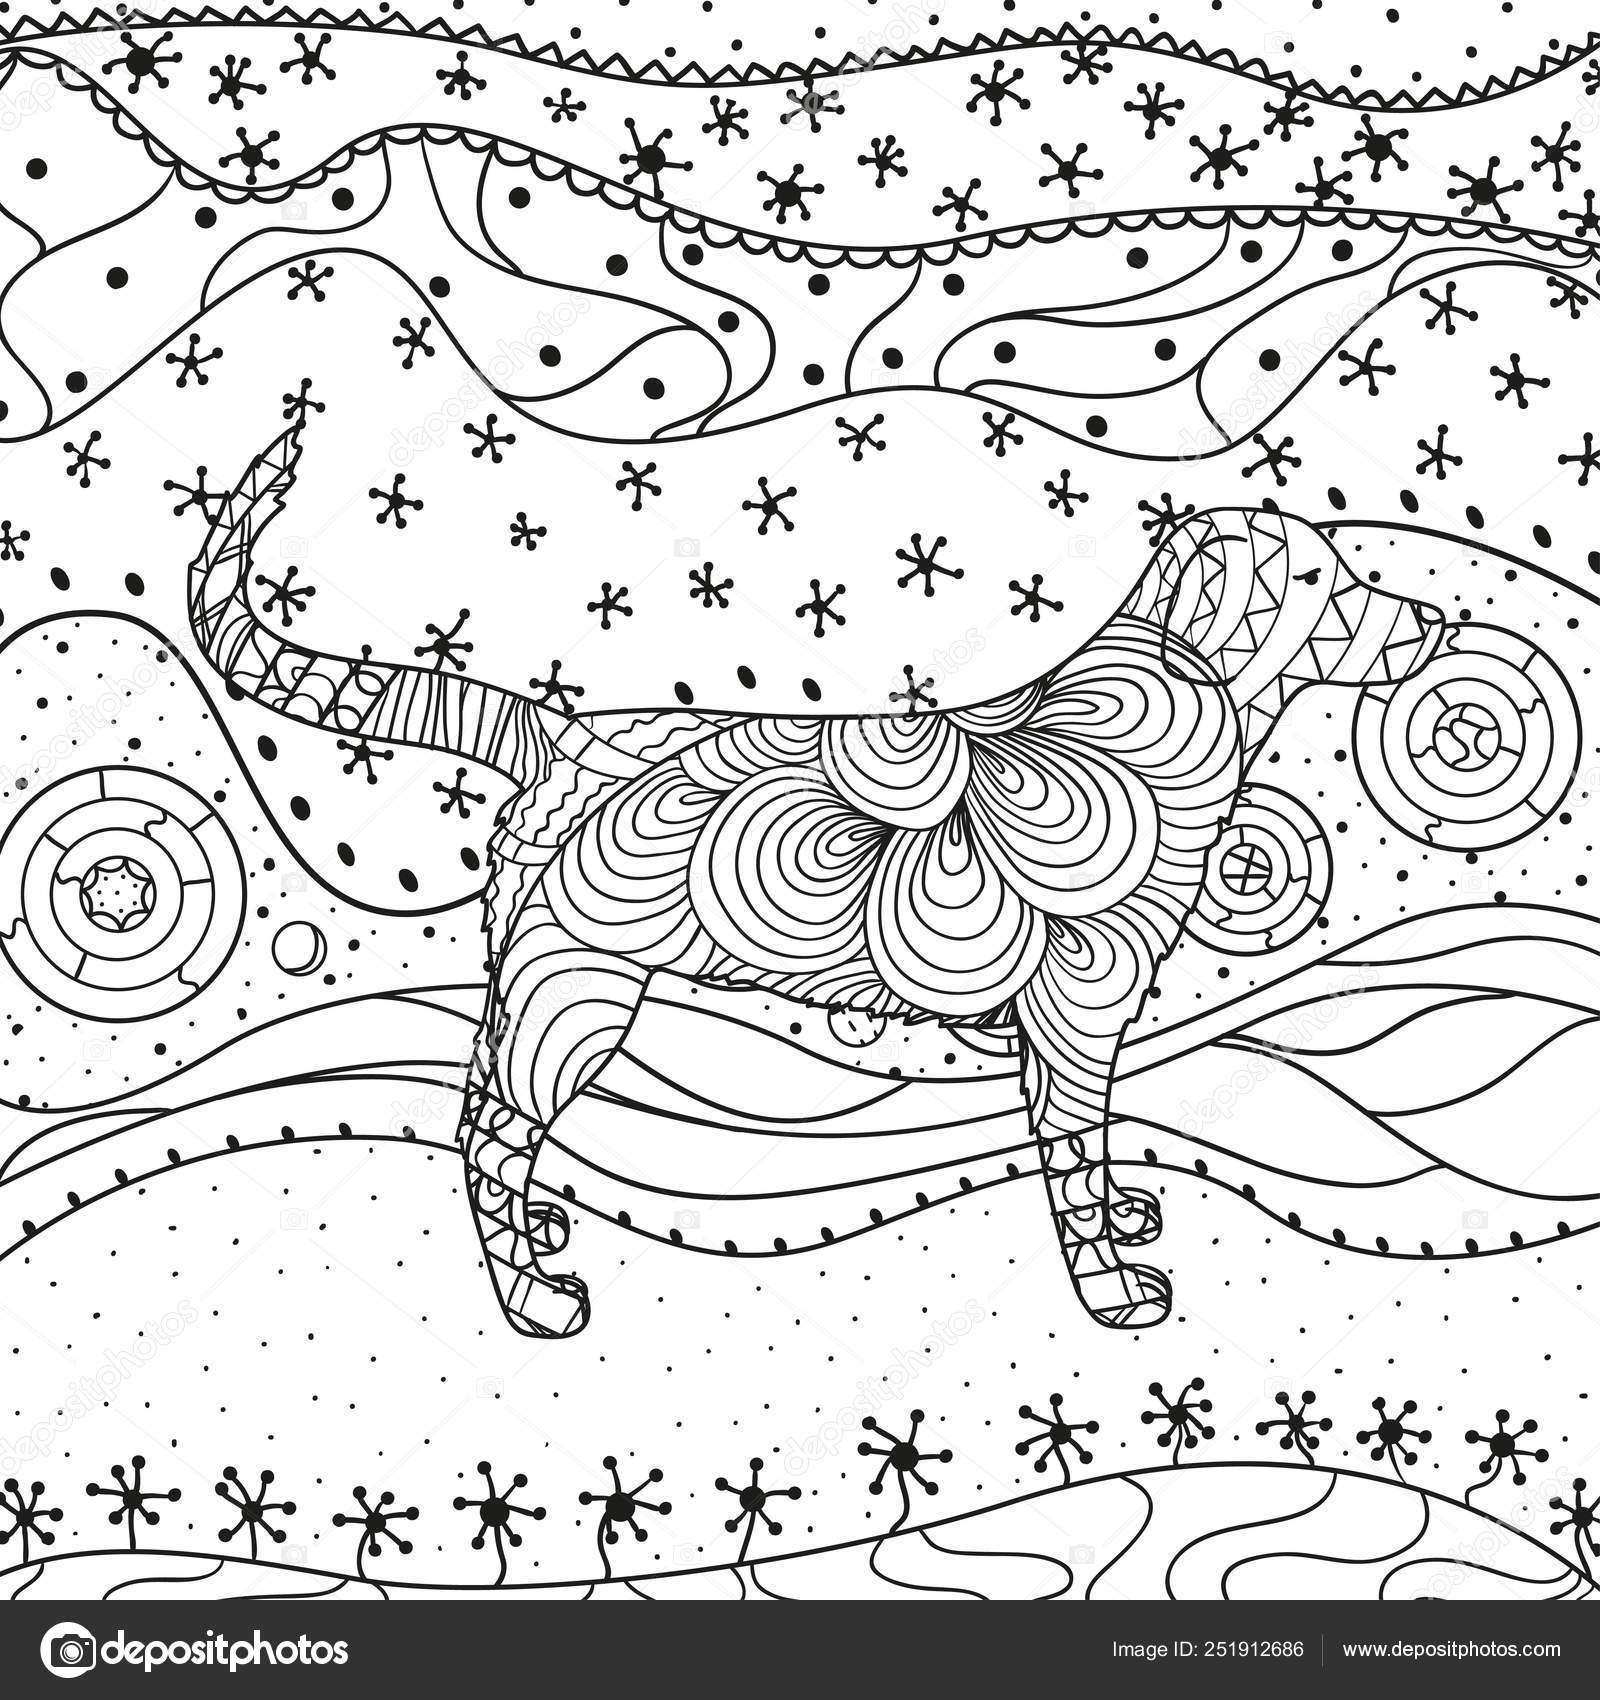 Ilustración Creación Artística Vector De Stock Mikabesfamilnaya